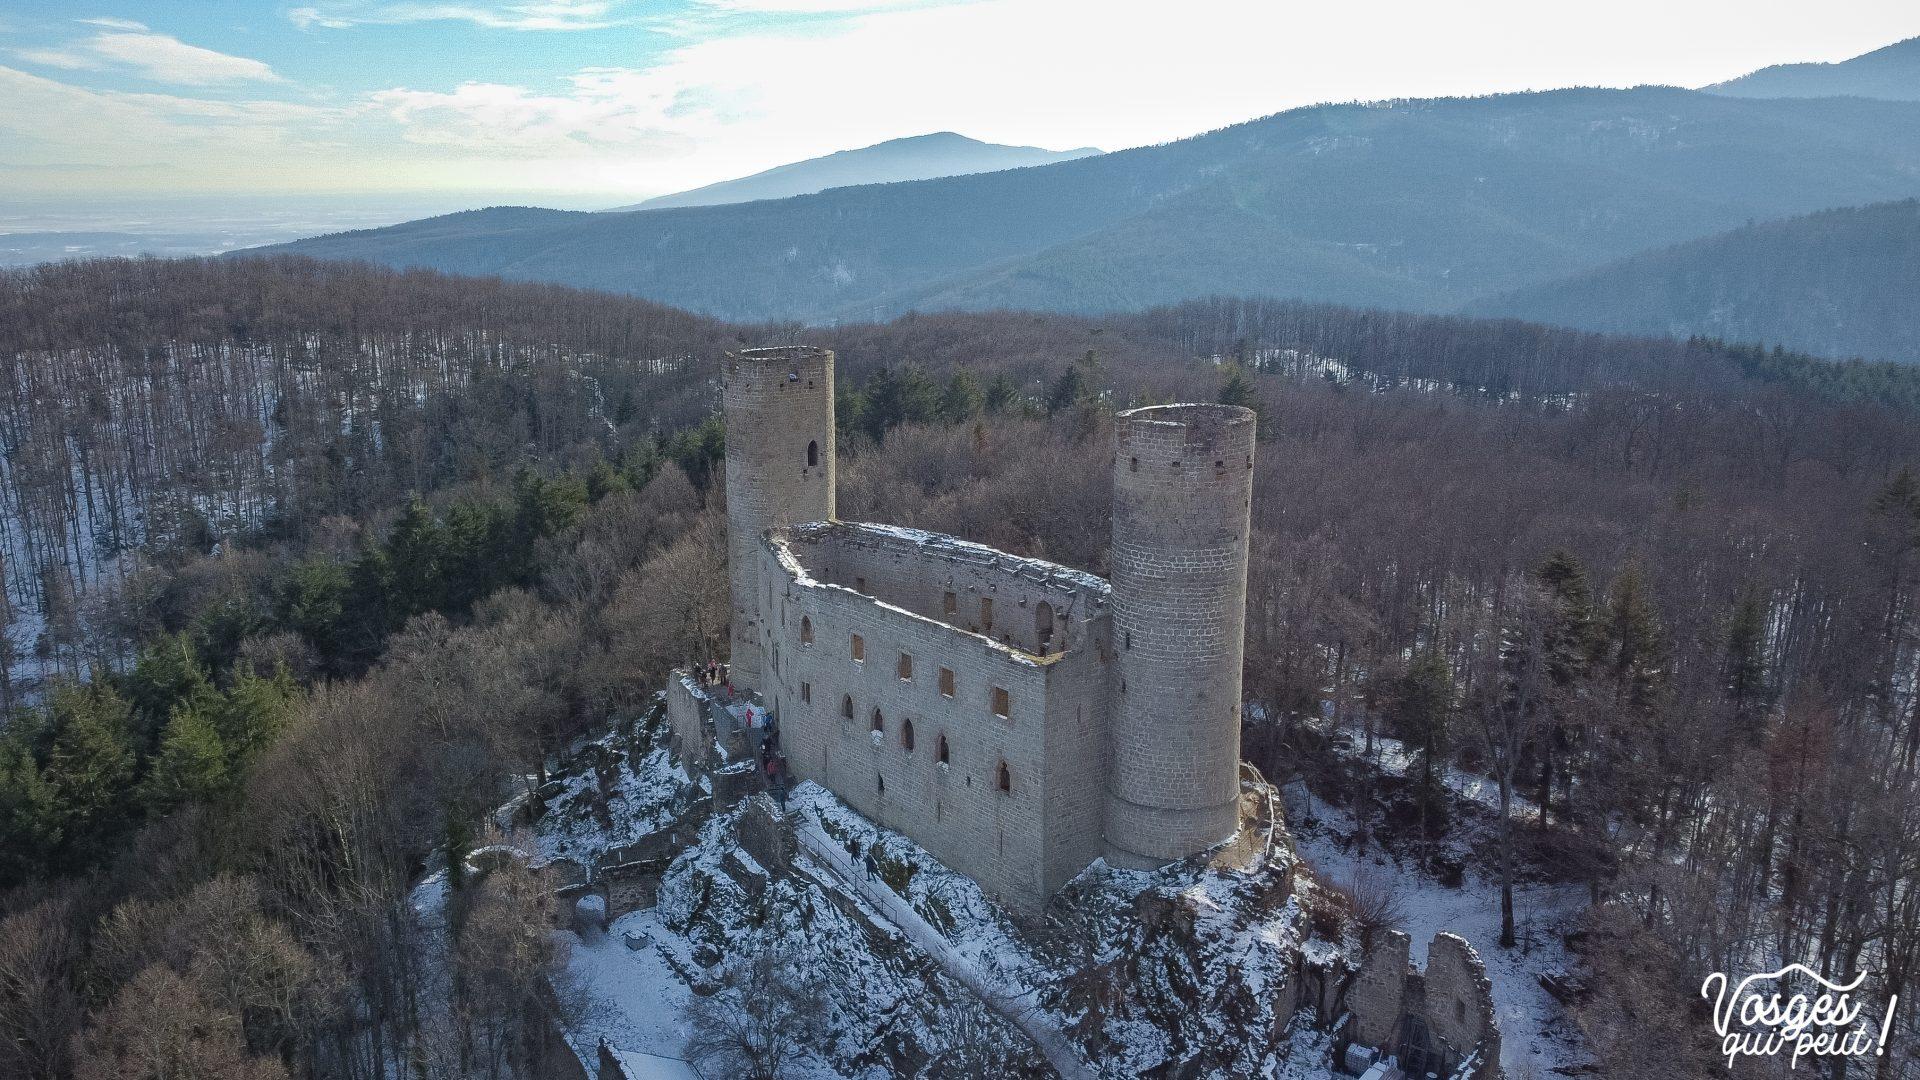 Vue aérienne du château d'Andlau dans les Vosges